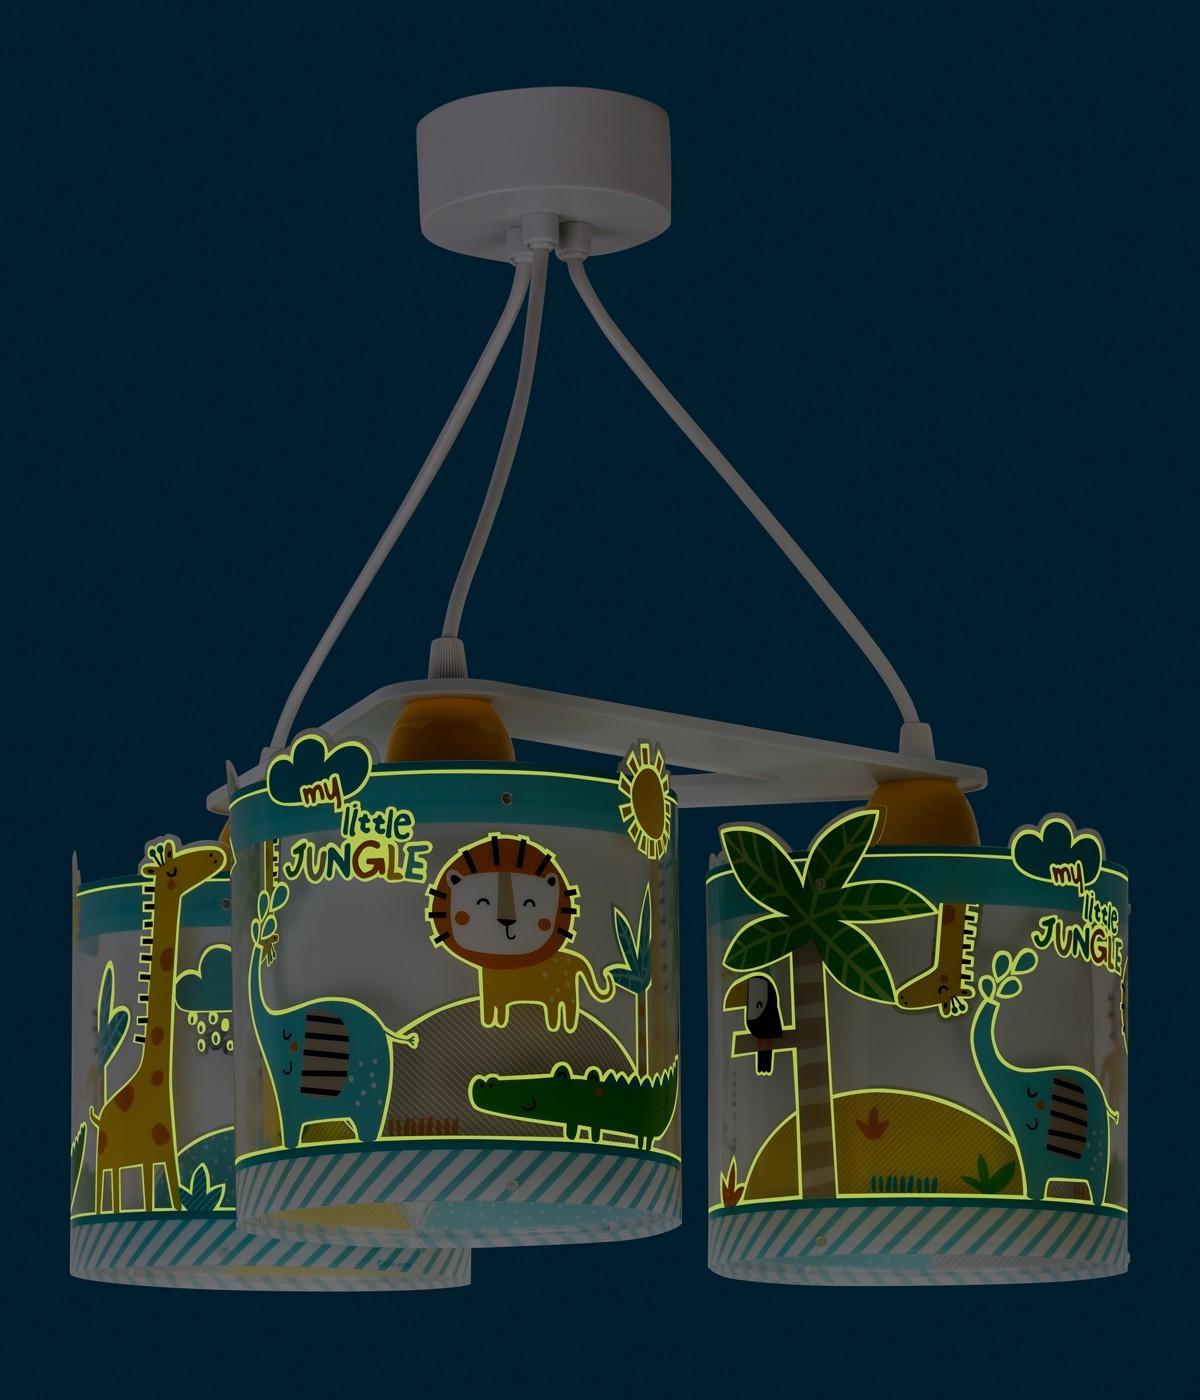 Lampadario per bambini 3 luci Little Jungle